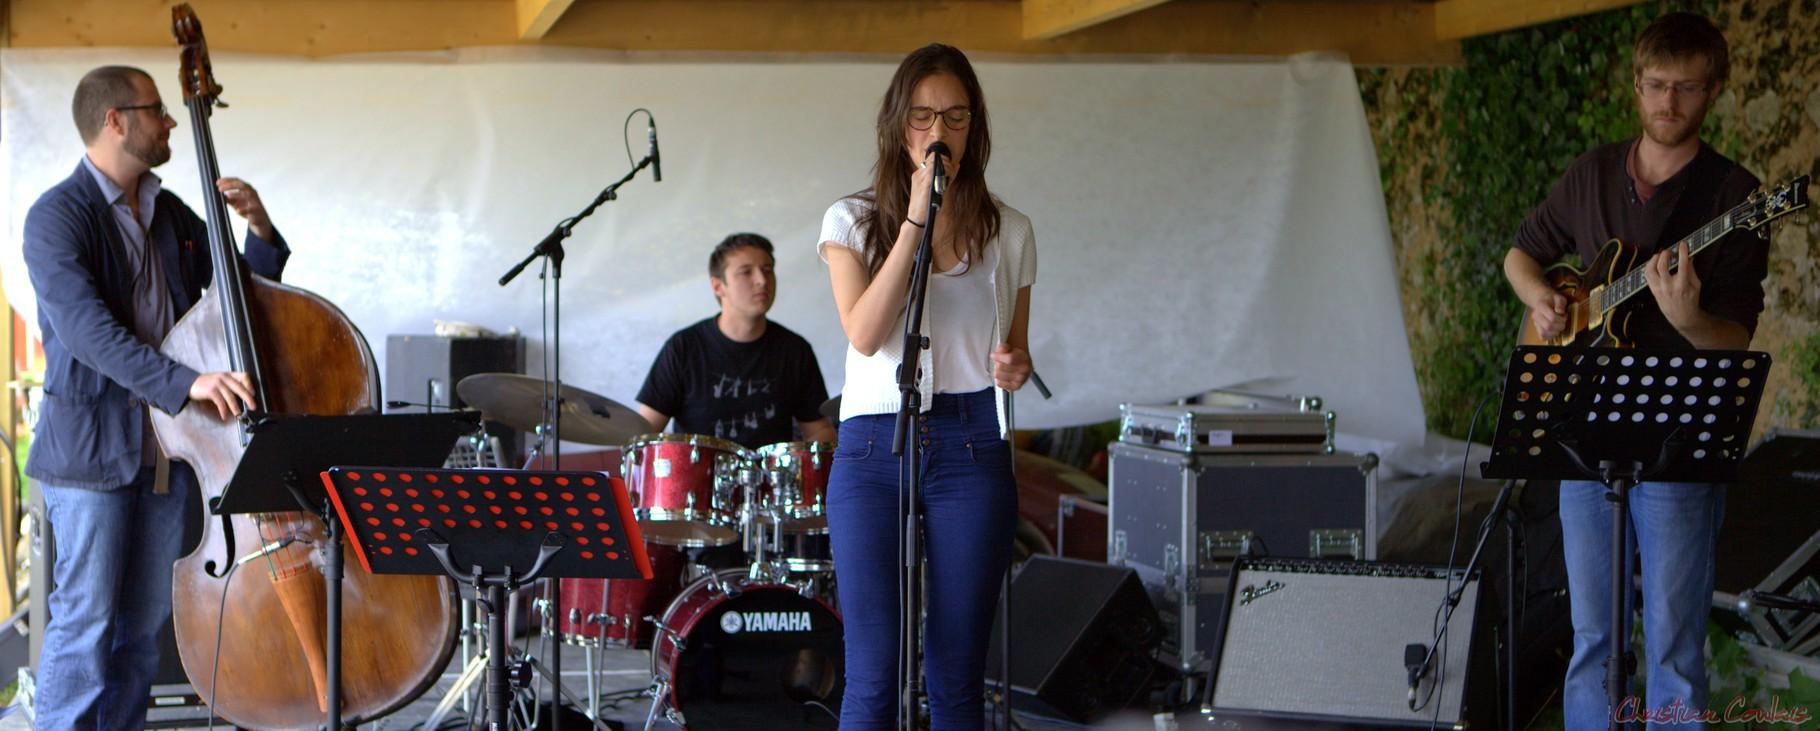 Festival JAZZ360 2013, Aurélien Gaudy, Hugo Raducanu, Laure Sanchez, Clément Laval, HCL Trio feat Laure Sanchez, Quinsac